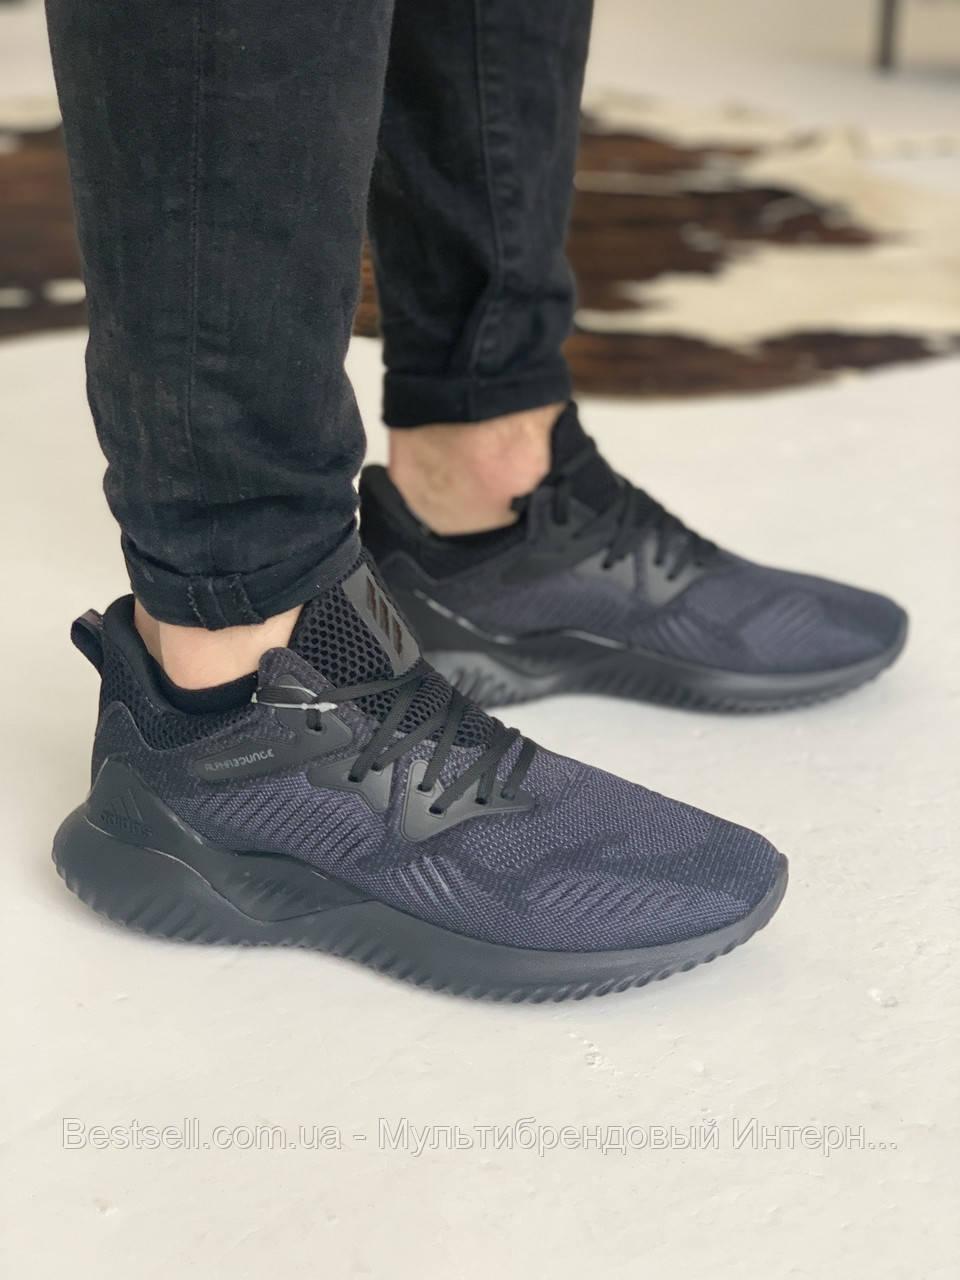 Кроссовки Adidas Alphabounce Instinct Black Адидас Альфабаунс Инстинкт Чёрные  (41,42,43,44,45)